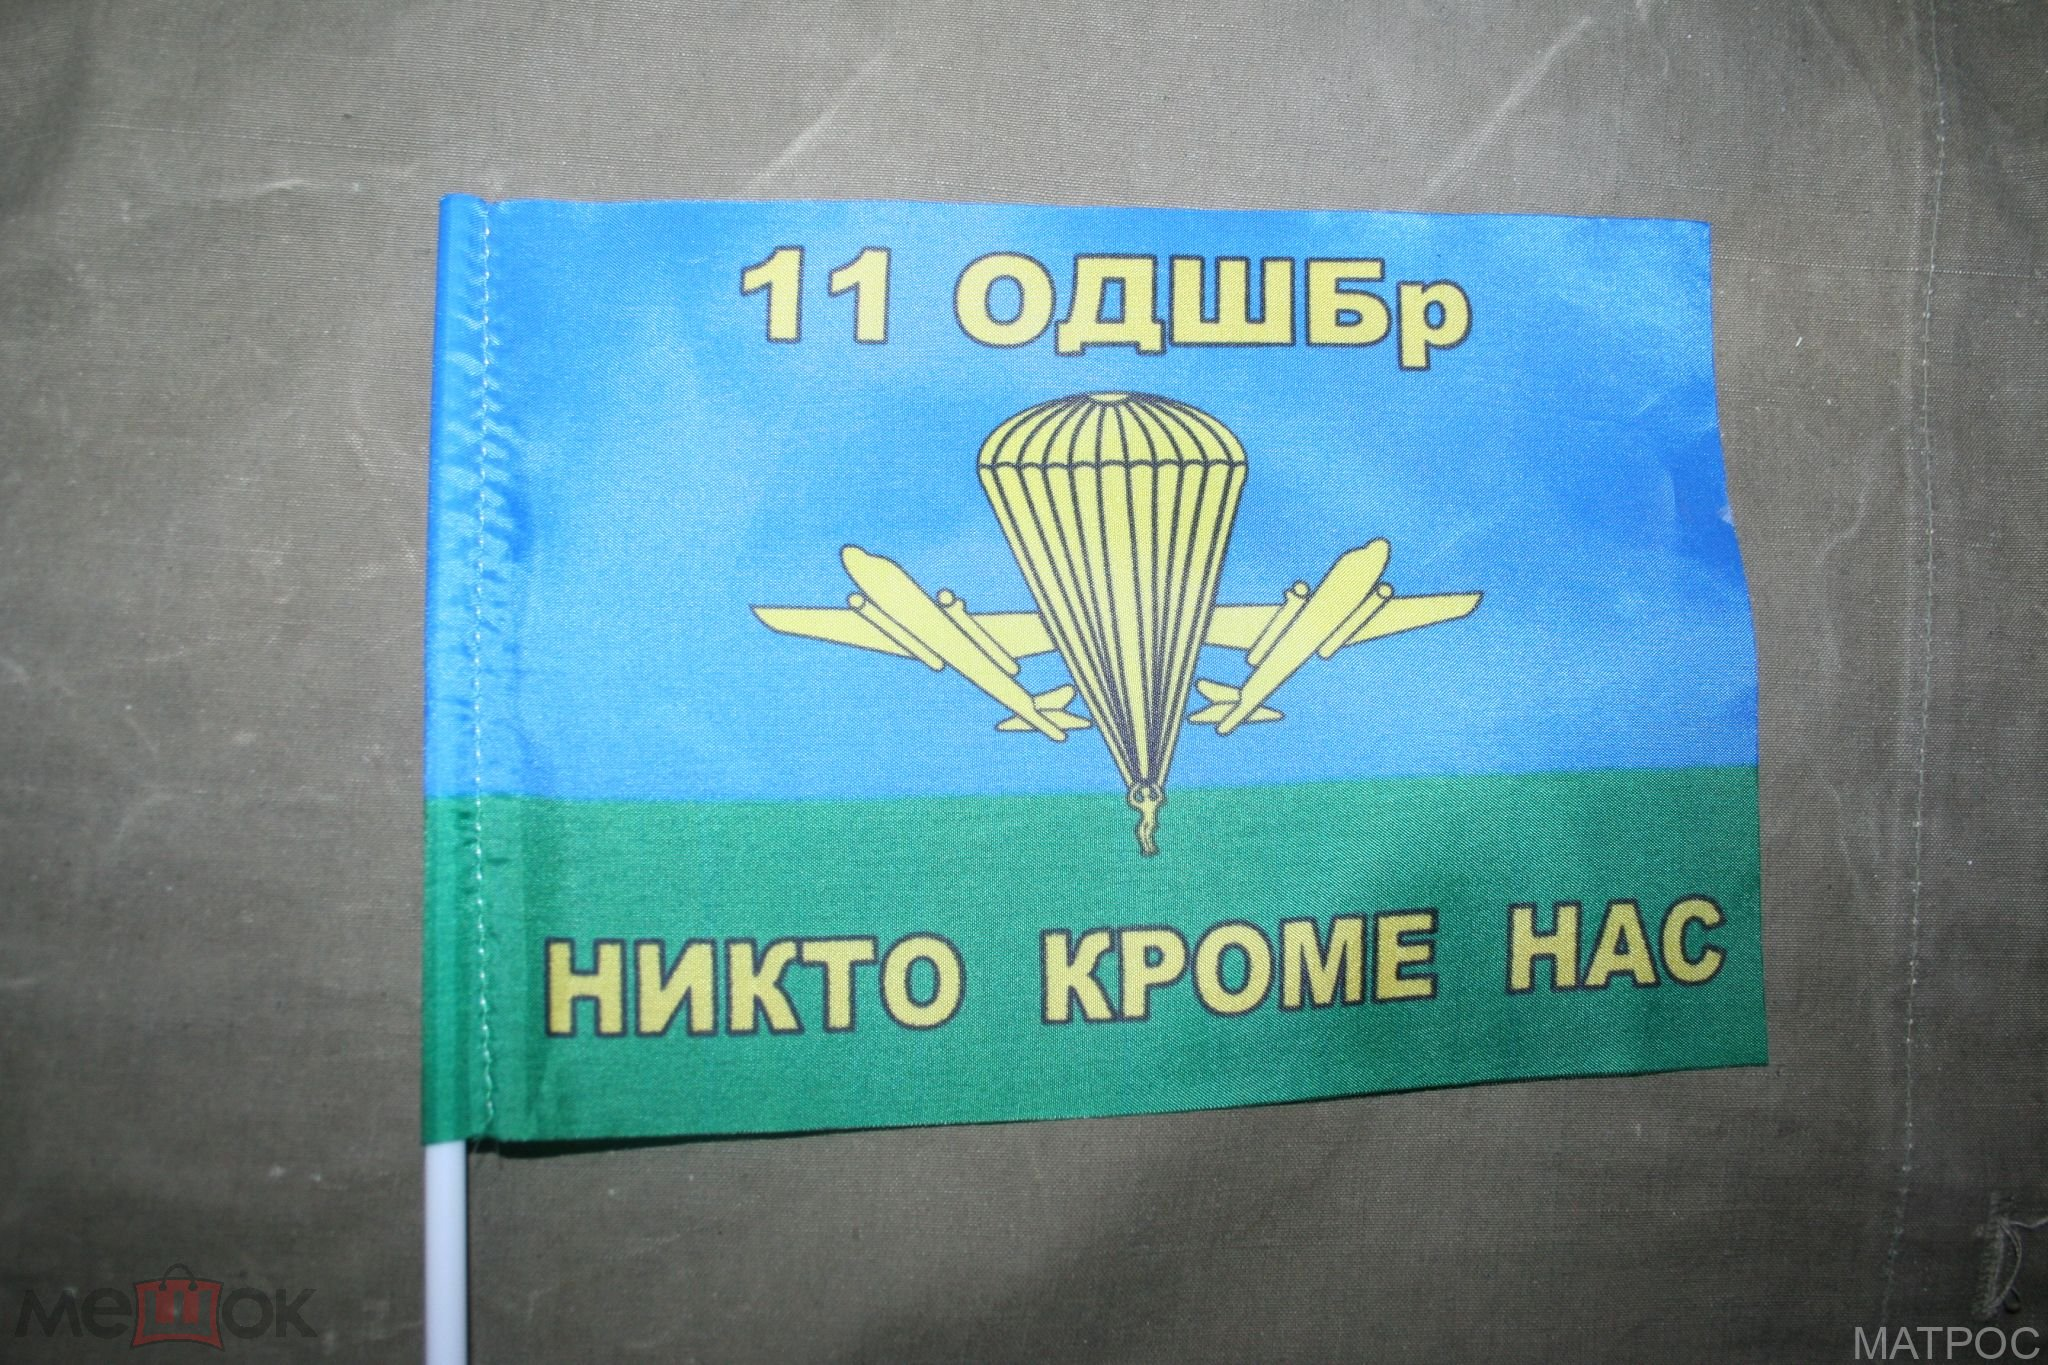 Флаг - флажок 11 отдельной десантно-штурмовой бригады ОДШБр ВДВ  15х23 см                   тк-3